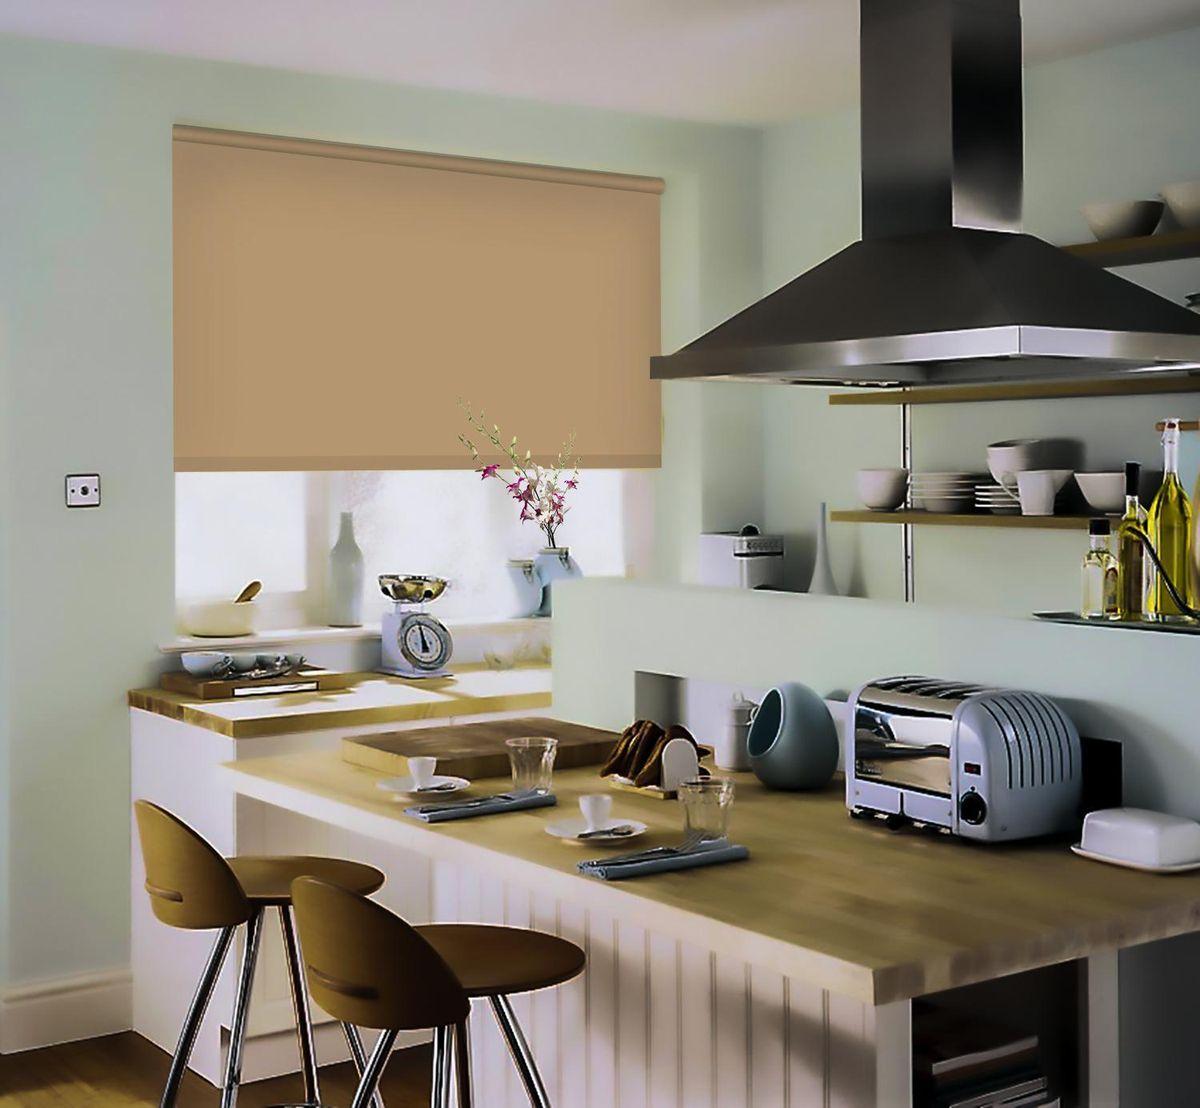 Штора рулонная Эскар, цвет: темно-бежевый, ширина 140 см, высота 170 см81209140170Рулонными шторами Эскар можно оформлять окна как самостоятельно, так и использовать в комбинации с портьерами. Это поможет предотвратить выгорание дорогой ткани на солнце и соединит функционал рулонных с красотой навесных. Преимущества применения рулонных штор для пластиковых окон: - имеют прекрасный внешний вид: многообразие и фактурность материала изделия отлично смотрятся в любом интерьере;- многофункциональны: есть возможность подобрать шторы способные эффективно защитить комнату от солнца, при этом она не будет слишком темной;- есть возможность осуществить быстрый монтаж.ВНИМАНИЕ! Размеры ширины изделия указаны по ширине ткани! Во время эксплуатации не рекомендуется полностью разматывать рулон, чтобы не оторвать ткань от намоточного вала. В случае загрязнения поверхности ткани, чистку шторы проводят одним из способов, в зависимости от типа загрязнения:легкое поверхностное загрязнение можно удалить при помощи канцелярского ластика;чистка от пыли производится сухим методом при помощи пылесоса с мягкой щеткой-насадкой;для удаления пятна используйте мягкую губку с пенообразующим неагрессивным моющим средством или пятновыводитель на натуральной основе (нельзя применять растворители).